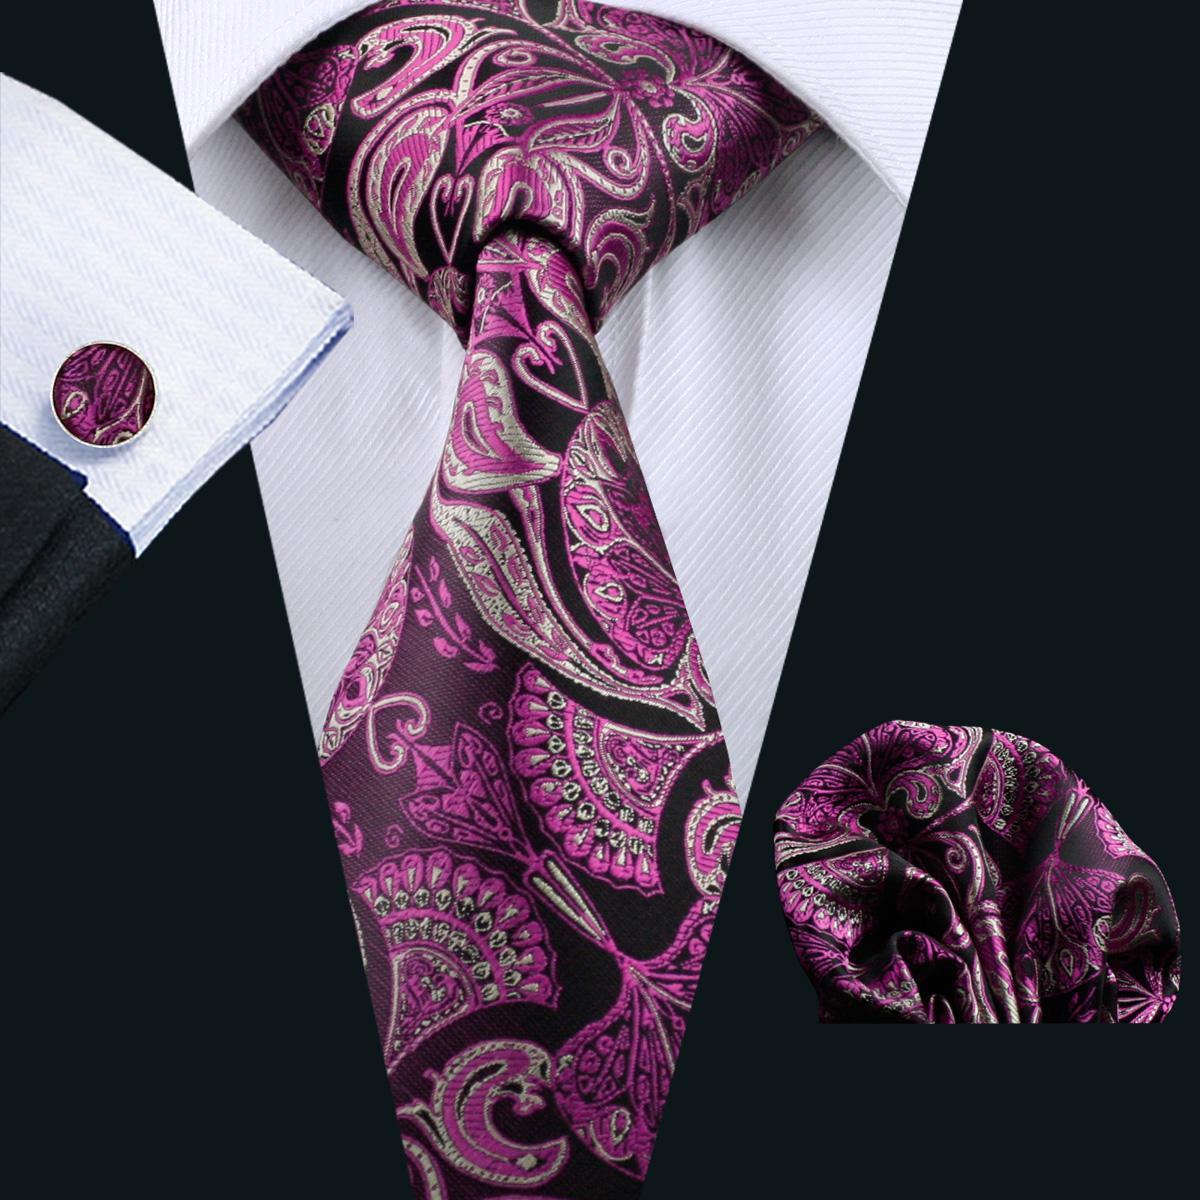 e48ef04e7ac4b 2019 Purple Tie For Men Neck Tie Set Pocket Square Cufflinks ...